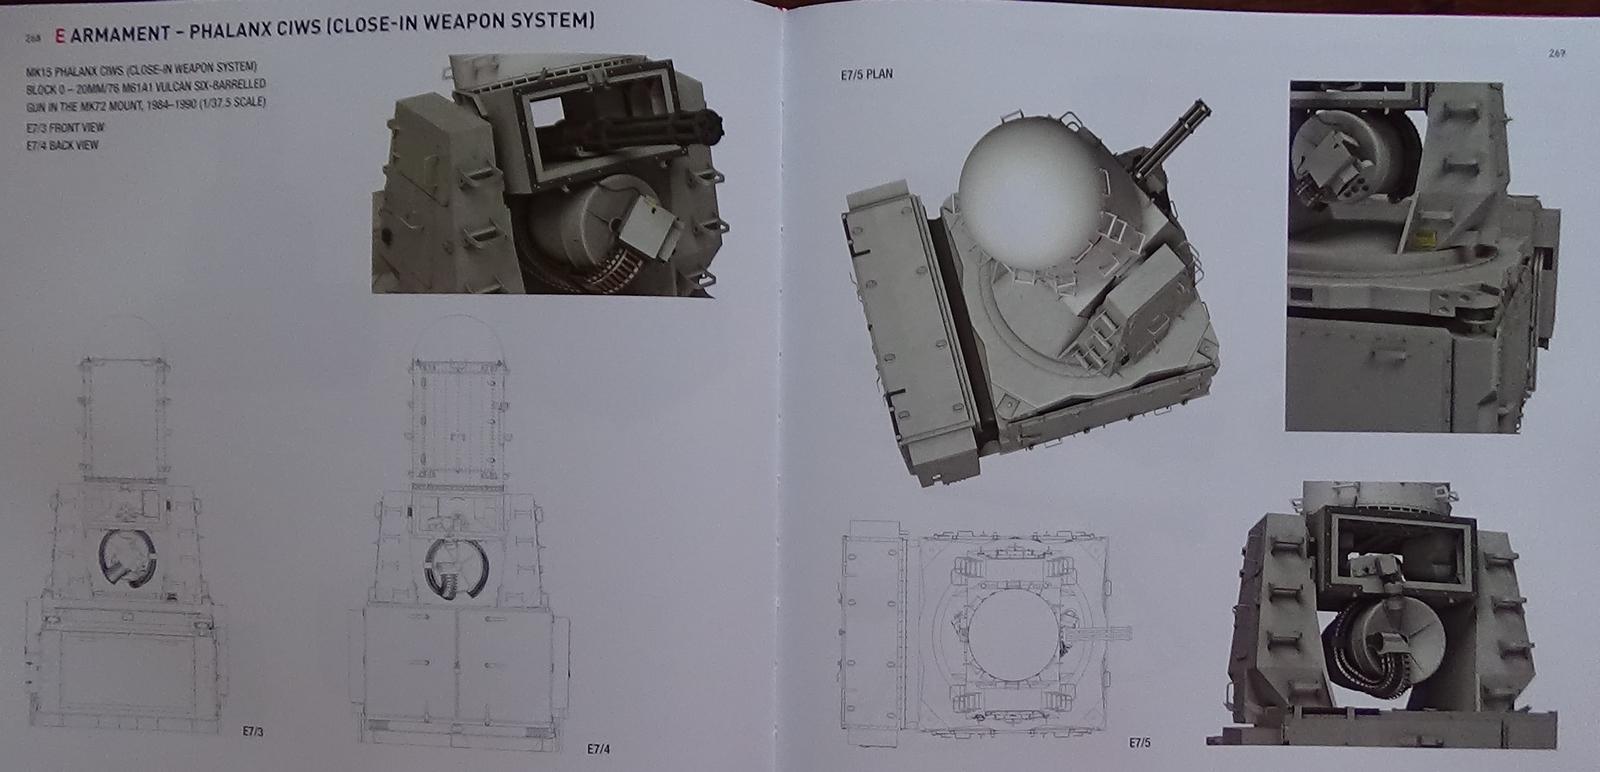 Derniers Achats - Page 9 MmRrJb-Iowa-16